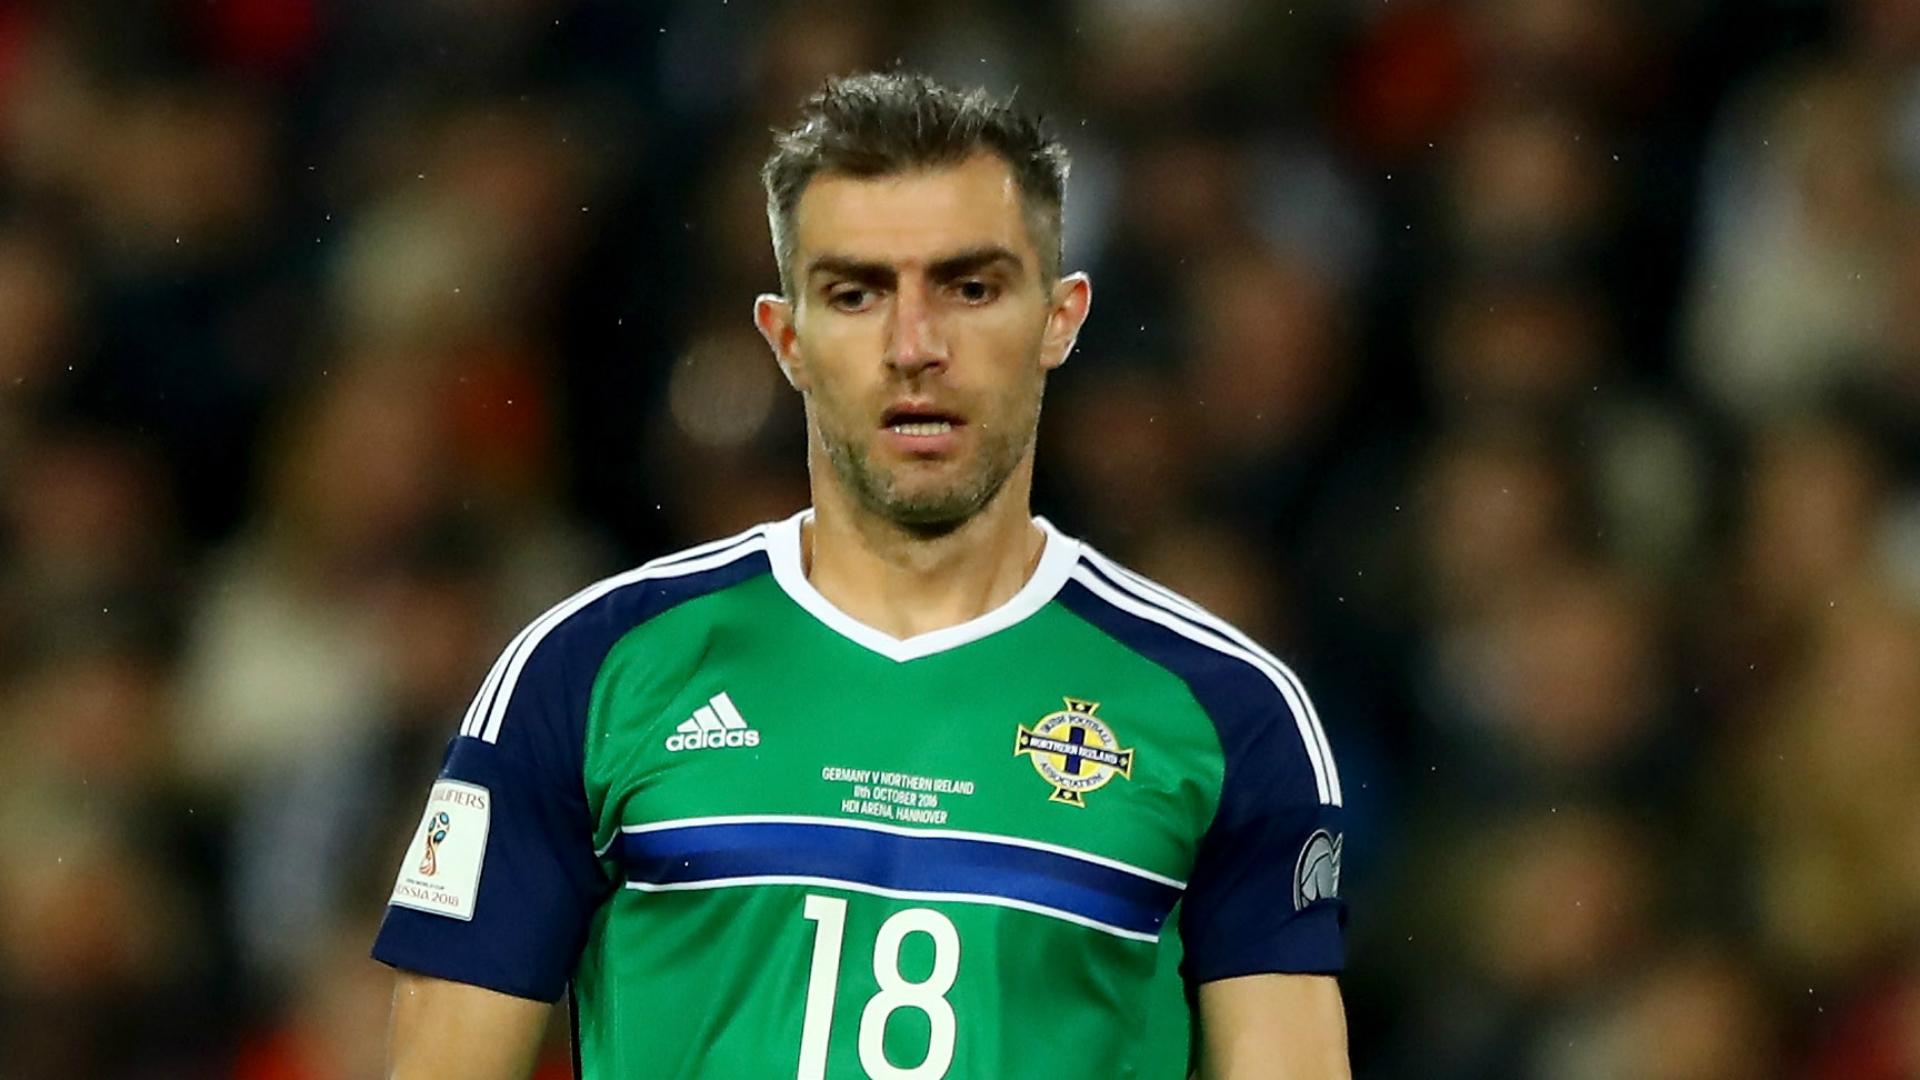 Former Northern Ireland captain Aaron Hughes retires